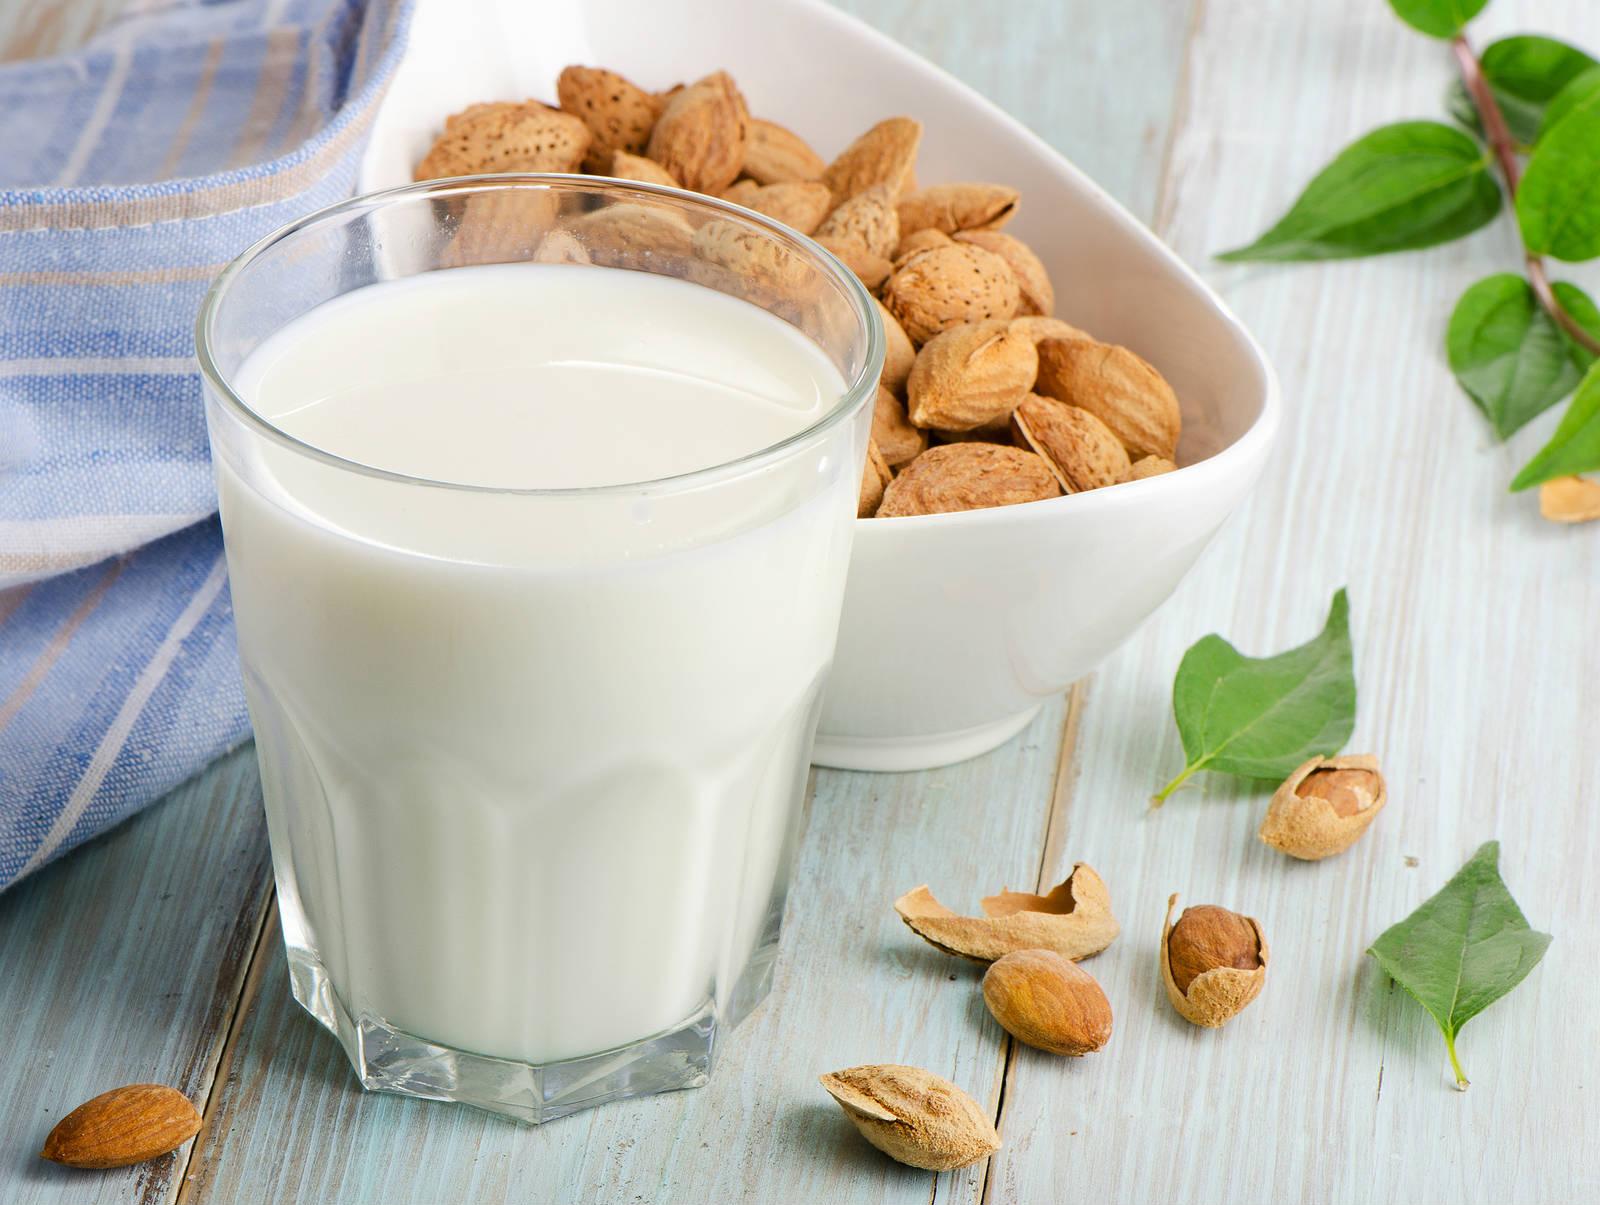 Uống sữa đúng cách giúp giảm cân một cách tự nhiên4